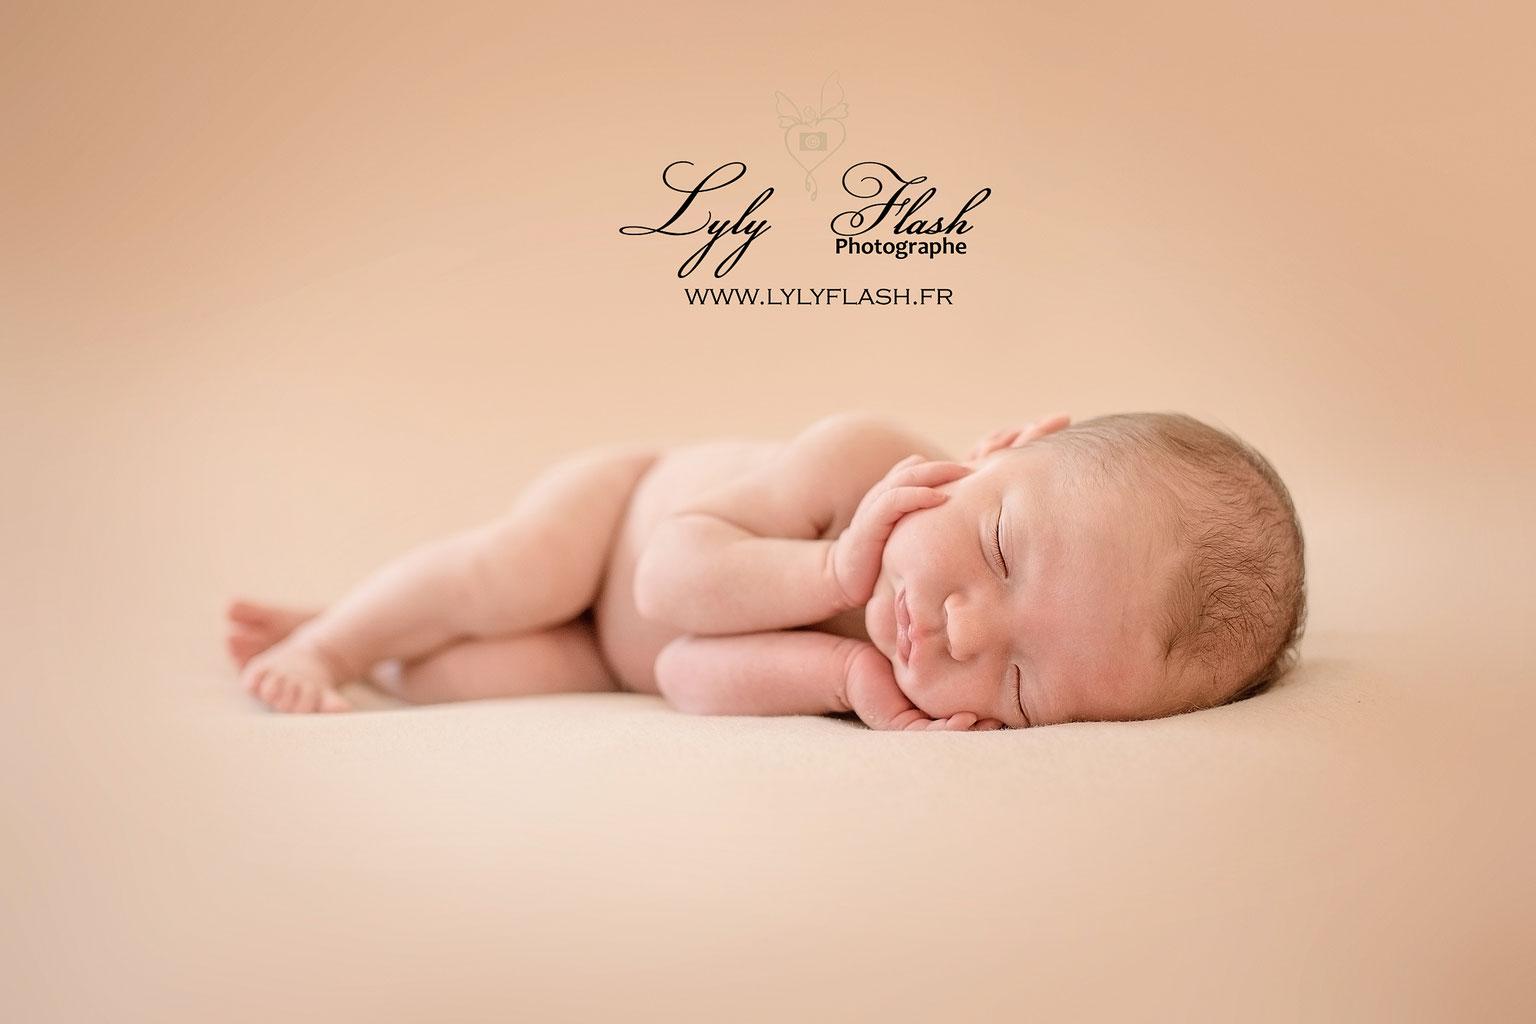 bee6896ecfbb7 Bien préparer sa séance photo de naissance avec bébé - photographe bébé